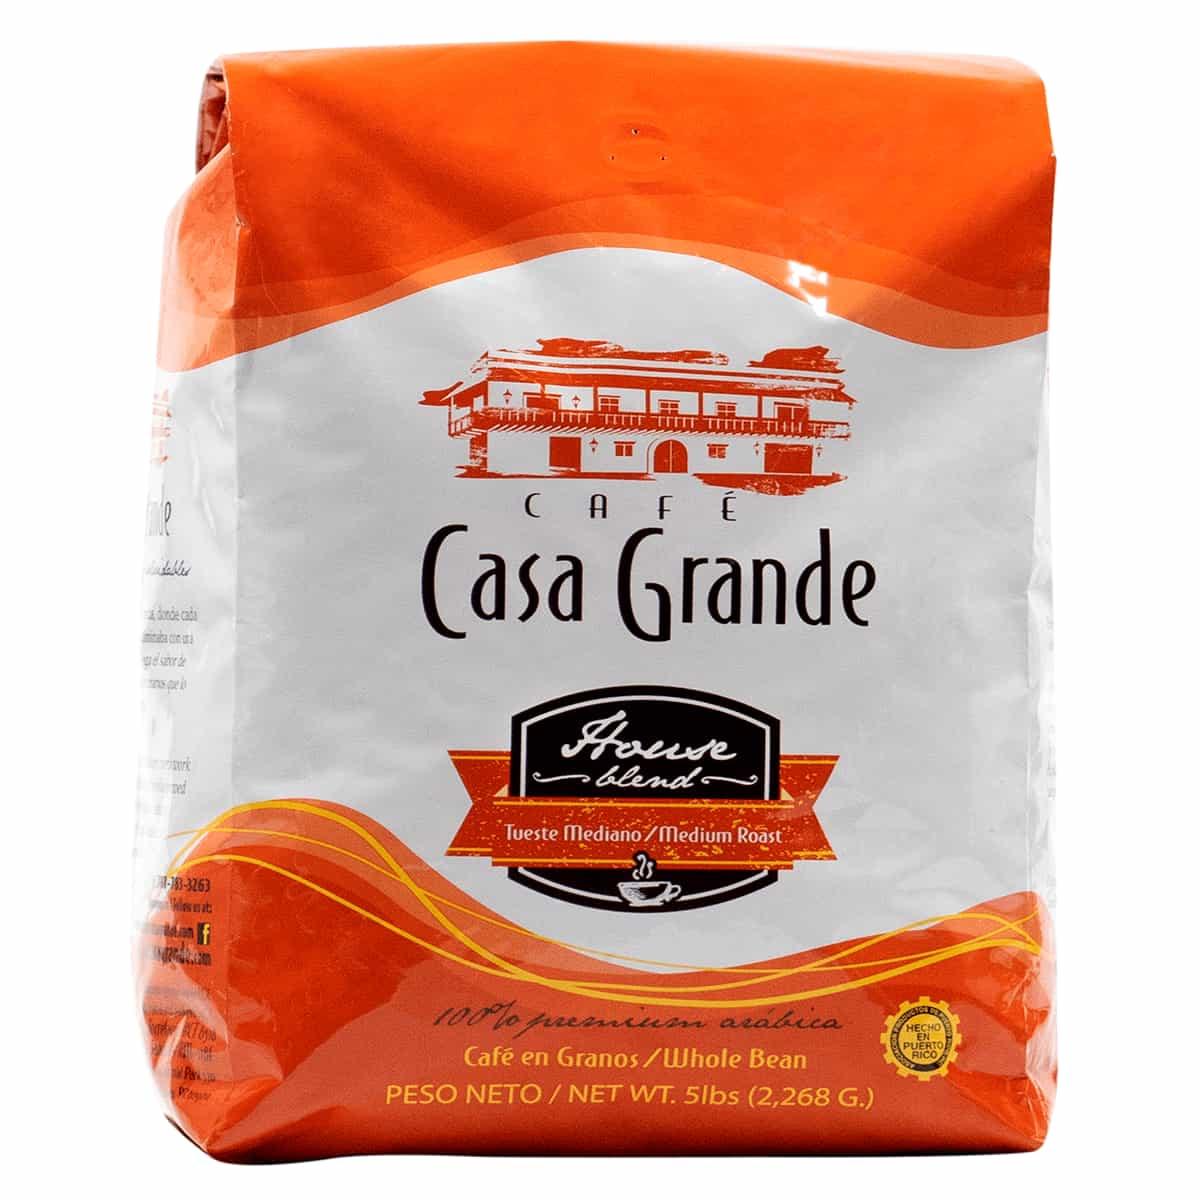 Bolsa de Cafe de cinco libras Casa Grande House Blend Authentic Boricua Premium Café de Puerto Rico